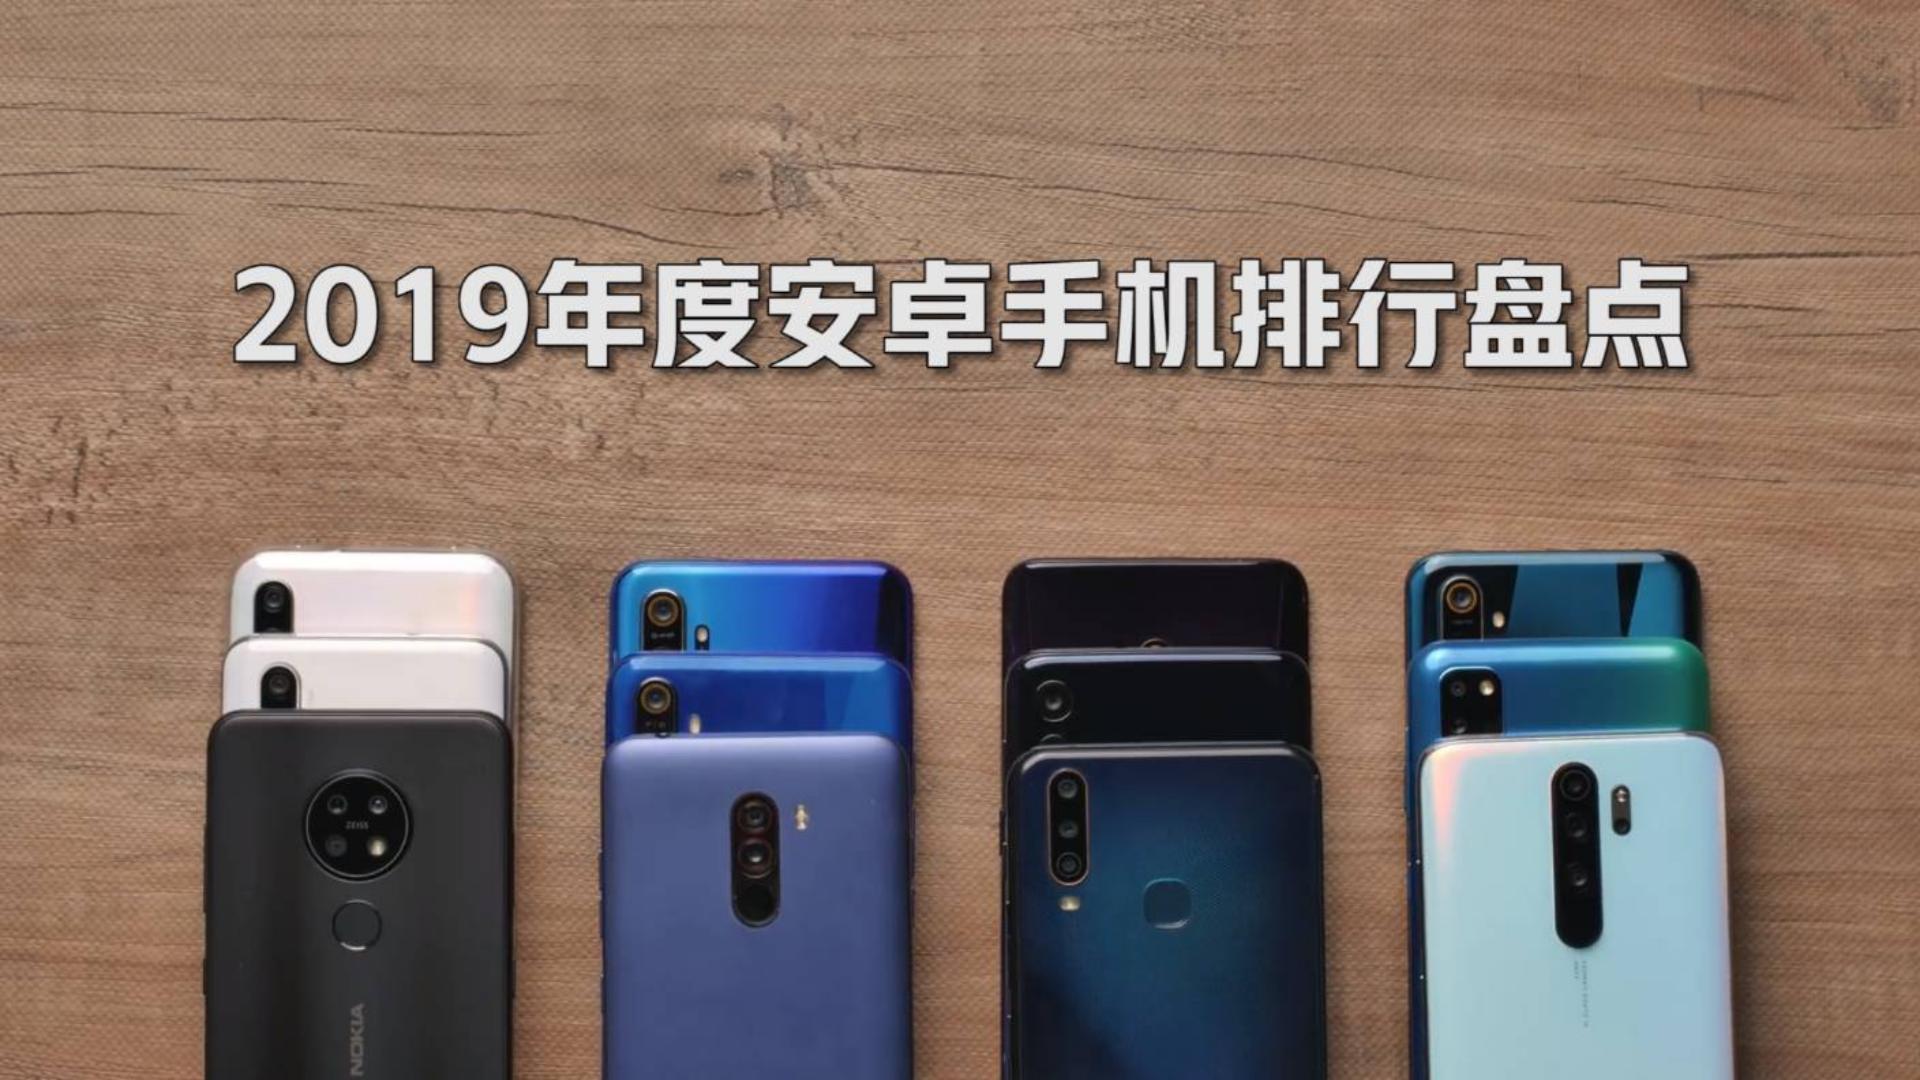 2019年度安卓手机排行榜,华为Mate30Pro成为年度最流畅手机!